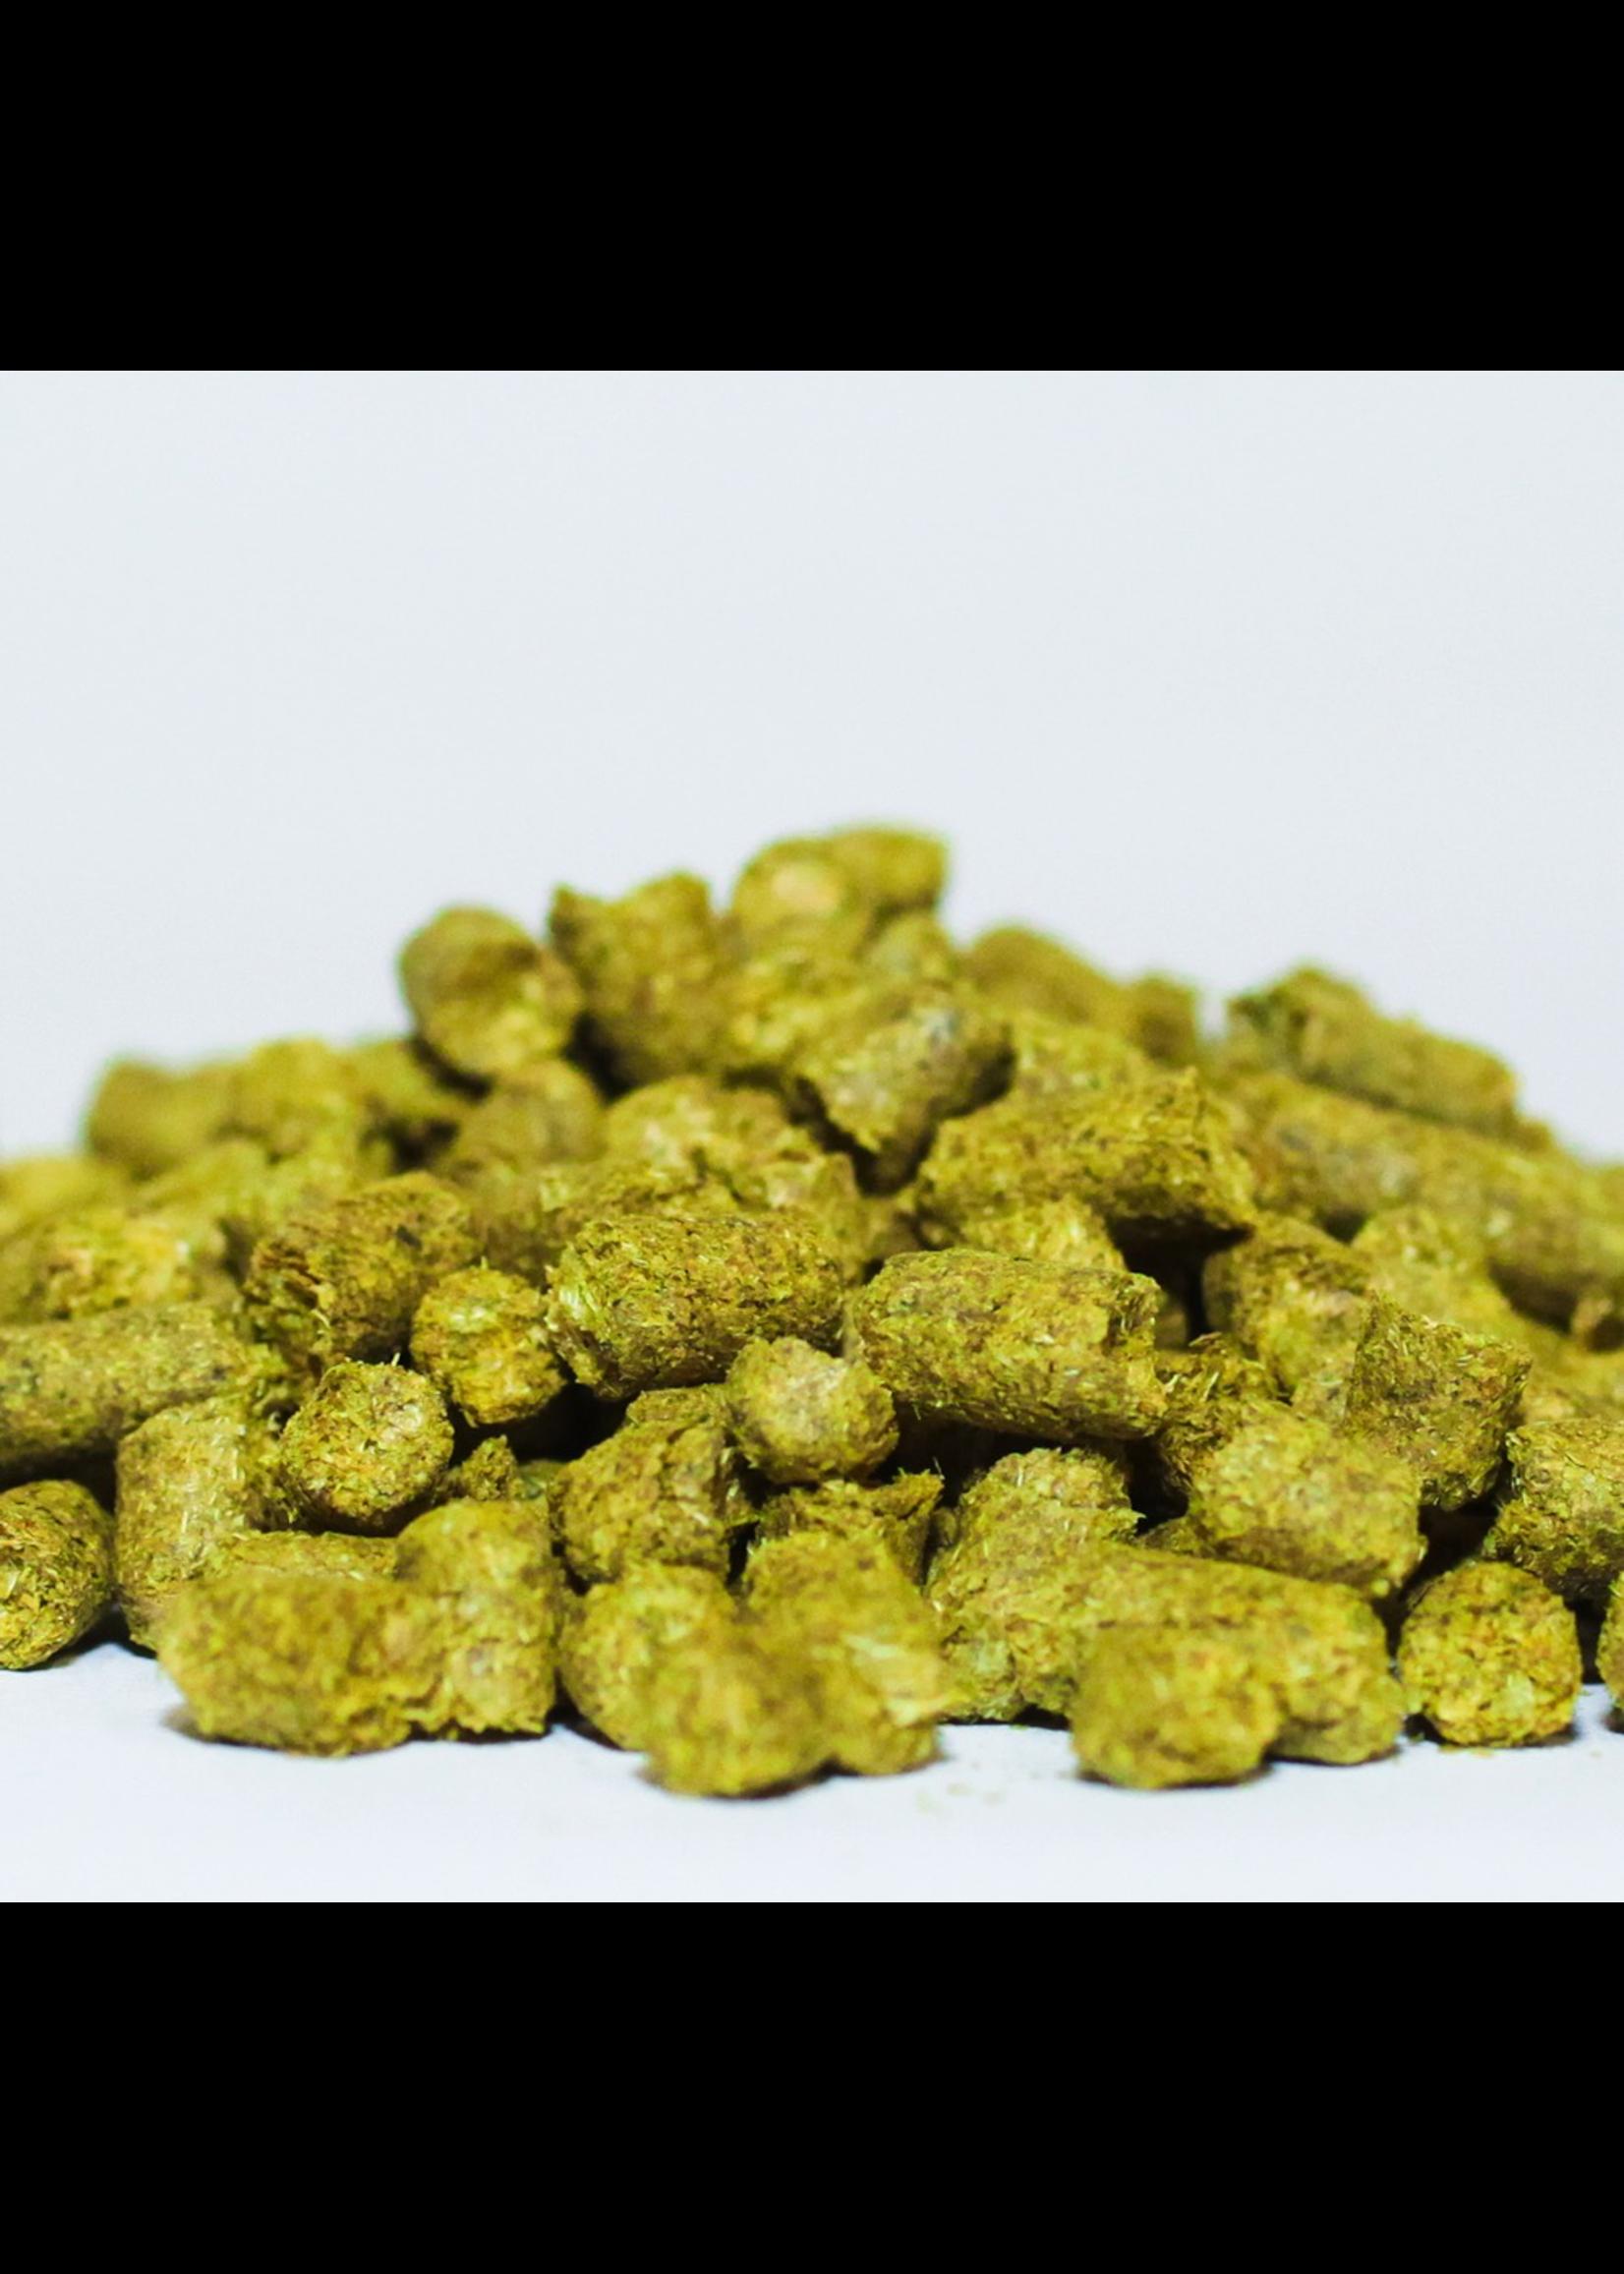 Hops Lemondrop Hops (US) - Pellets - 1 LB